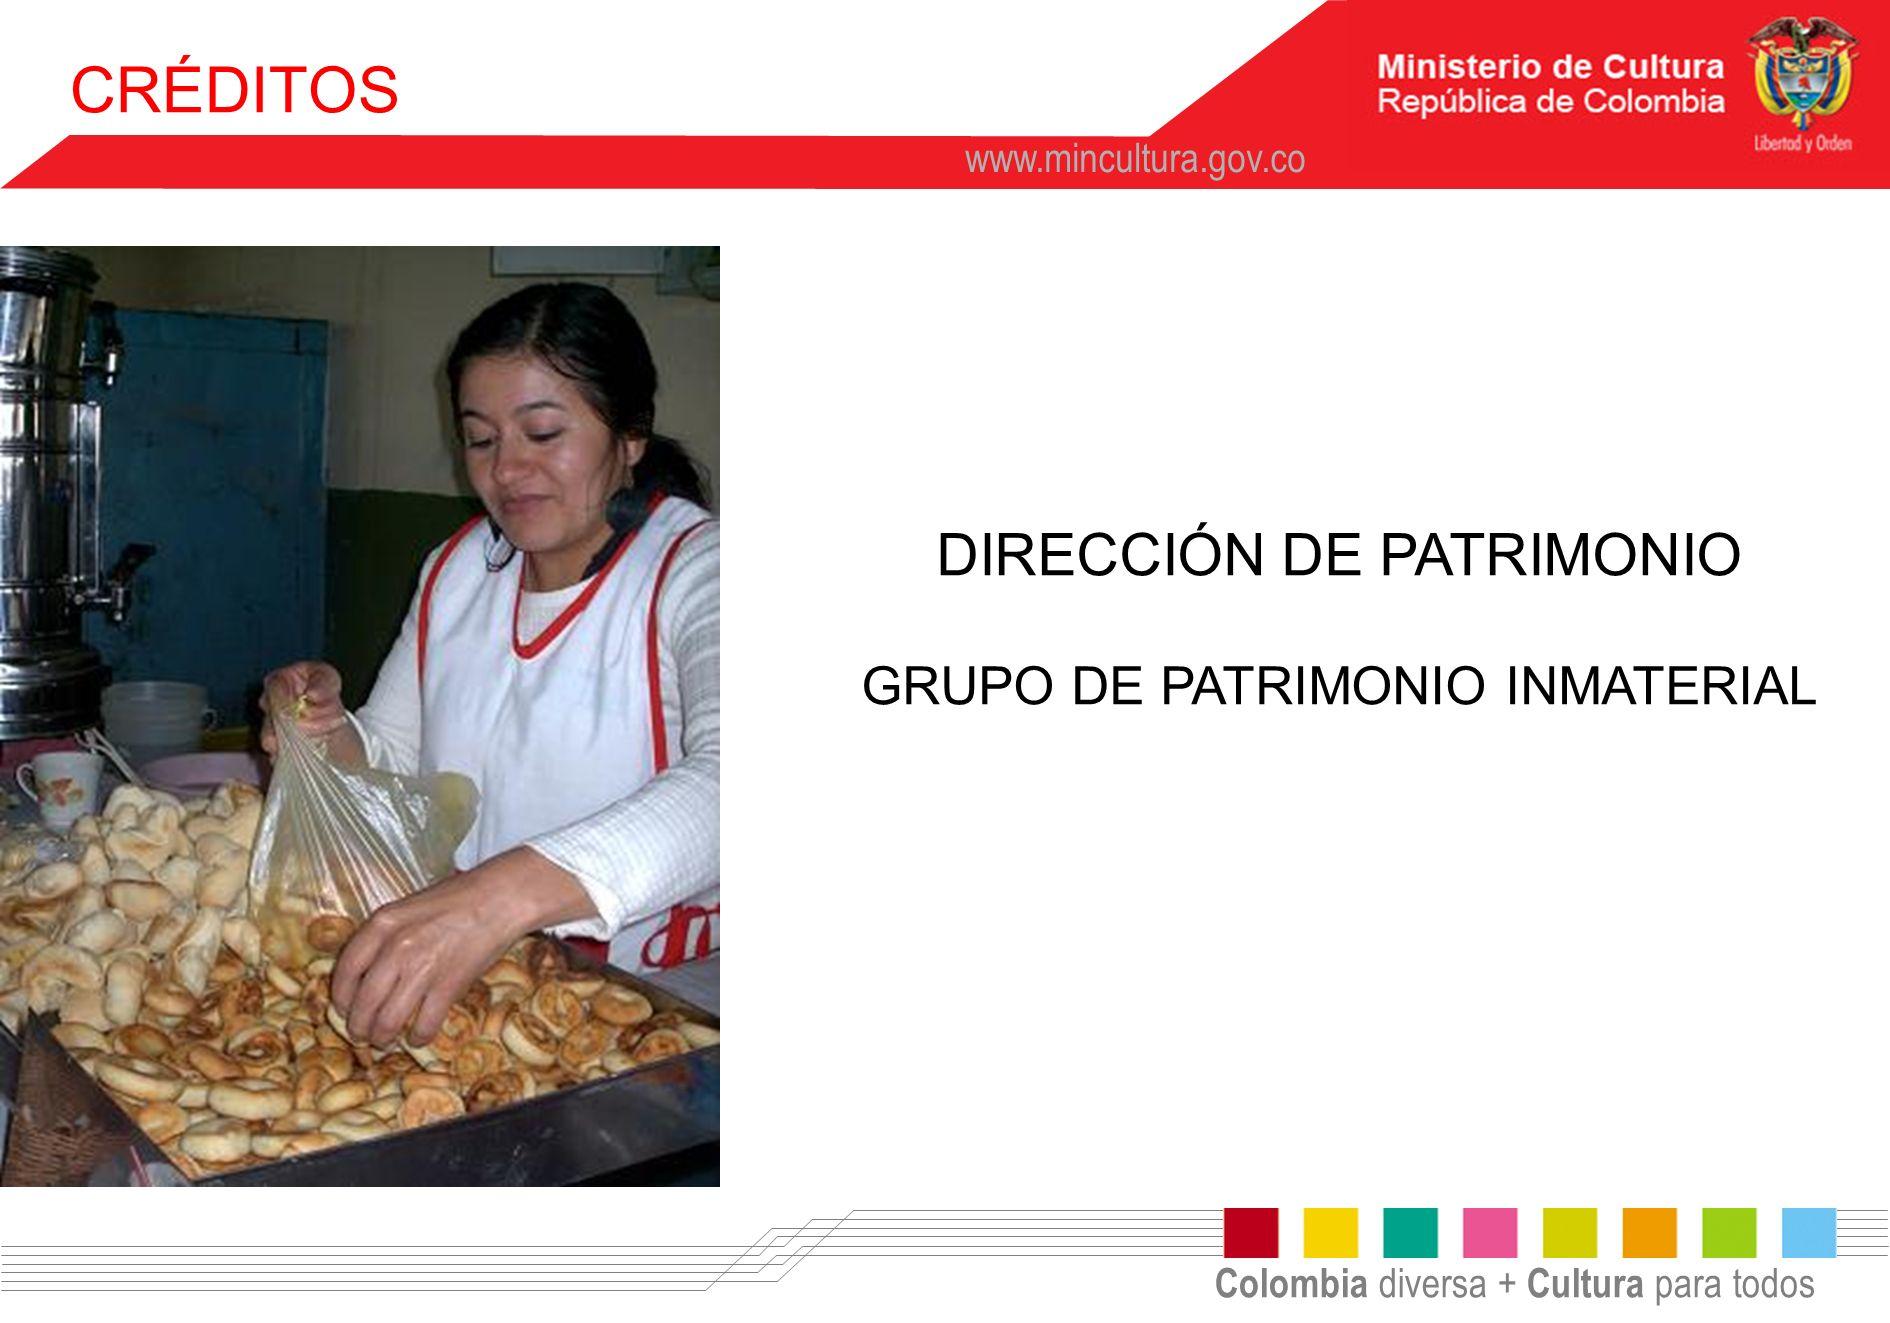 Colombia diversa + Cultura para todos www.mincultura.gov.co CRÉDITOS DIRECCIÓN DE PATRIMONIO GRUPO DE PATRIMONIO INMATERIAL